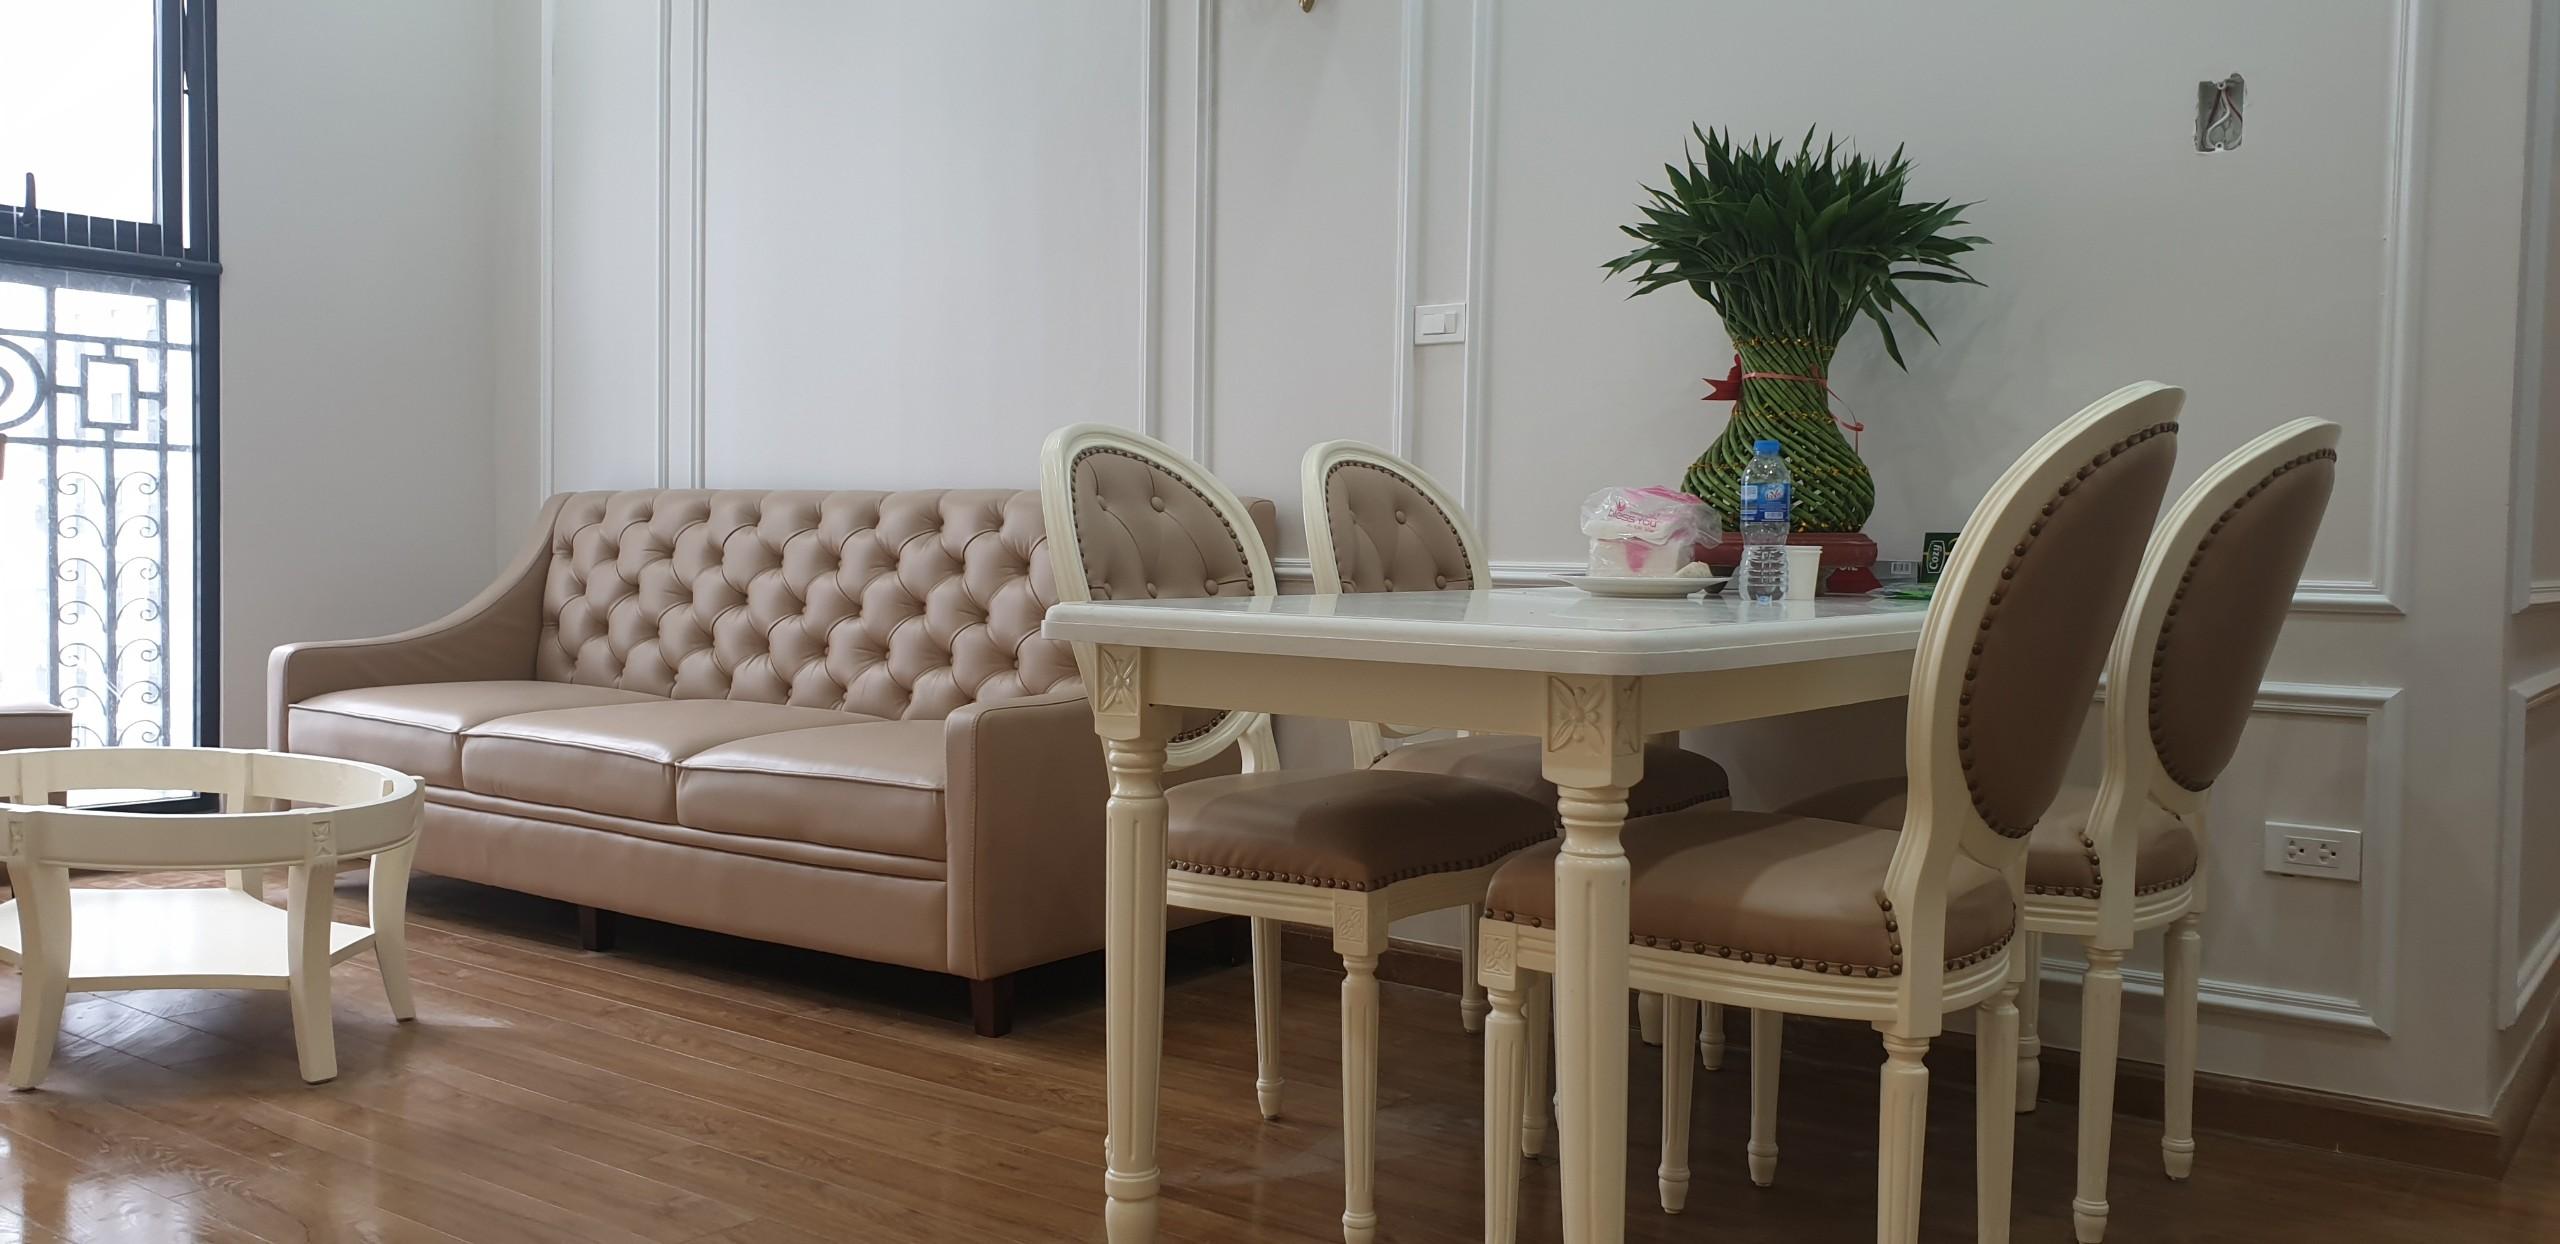 Nội thất phòng bếp và phòng khách cùng tông thanh nhã, trang trọng